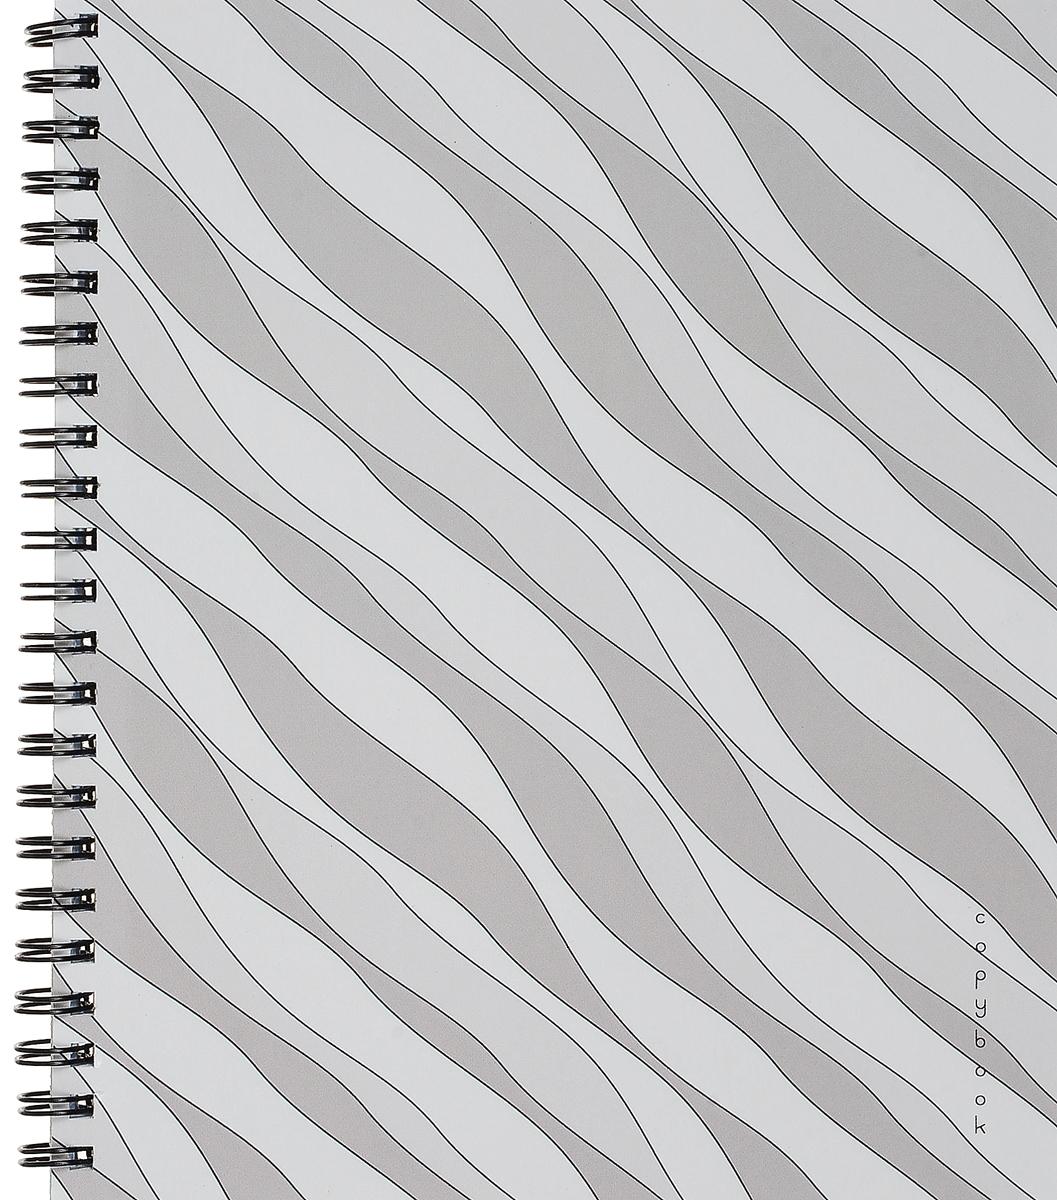 Канц-Эксмо Тетрадь Гармония цвета 96 листов в клетку цвет серый, белыйТСЛ965215_серый, белыйКанц-Эксмо Тетрадь Гармония цвета 96 листов в клетку цвет серый, белый